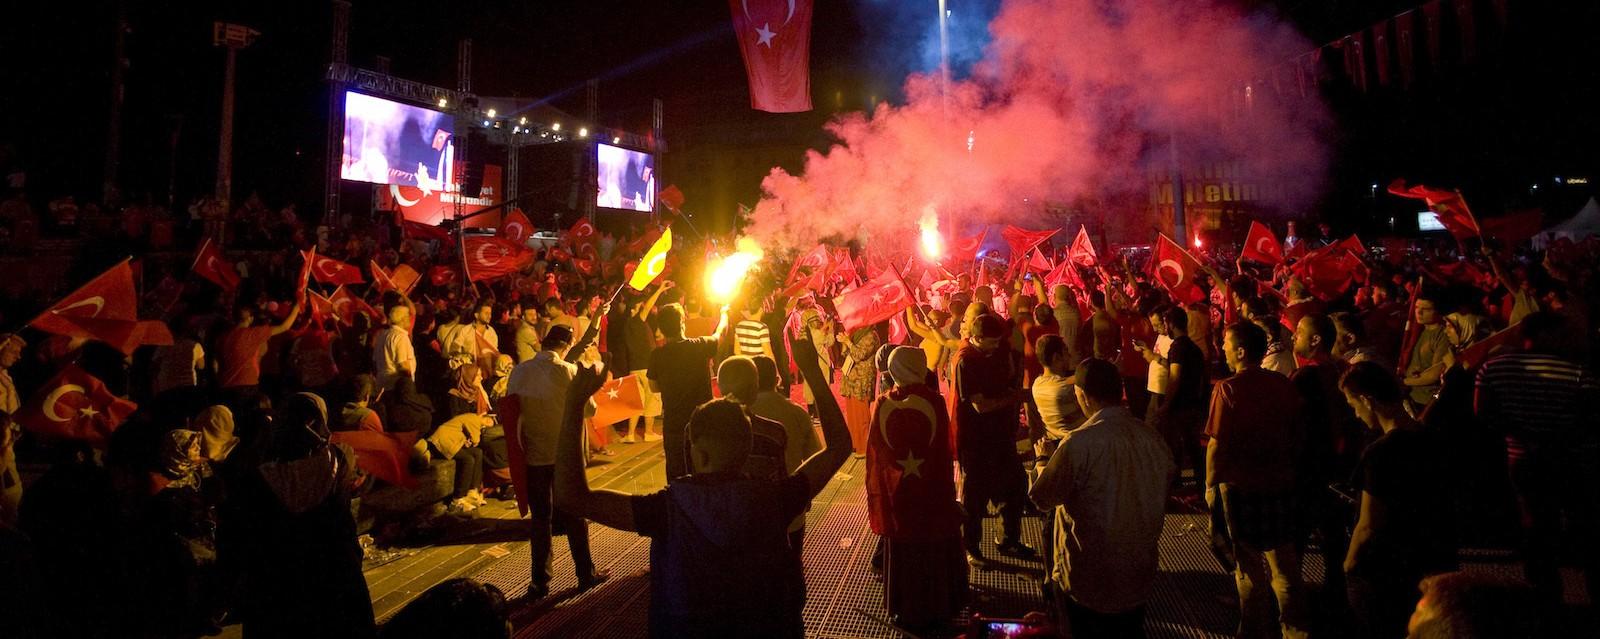 Die Nächte danach: Wie Istanbuls Szene auf den gescheiterten Putschversuch reagiert